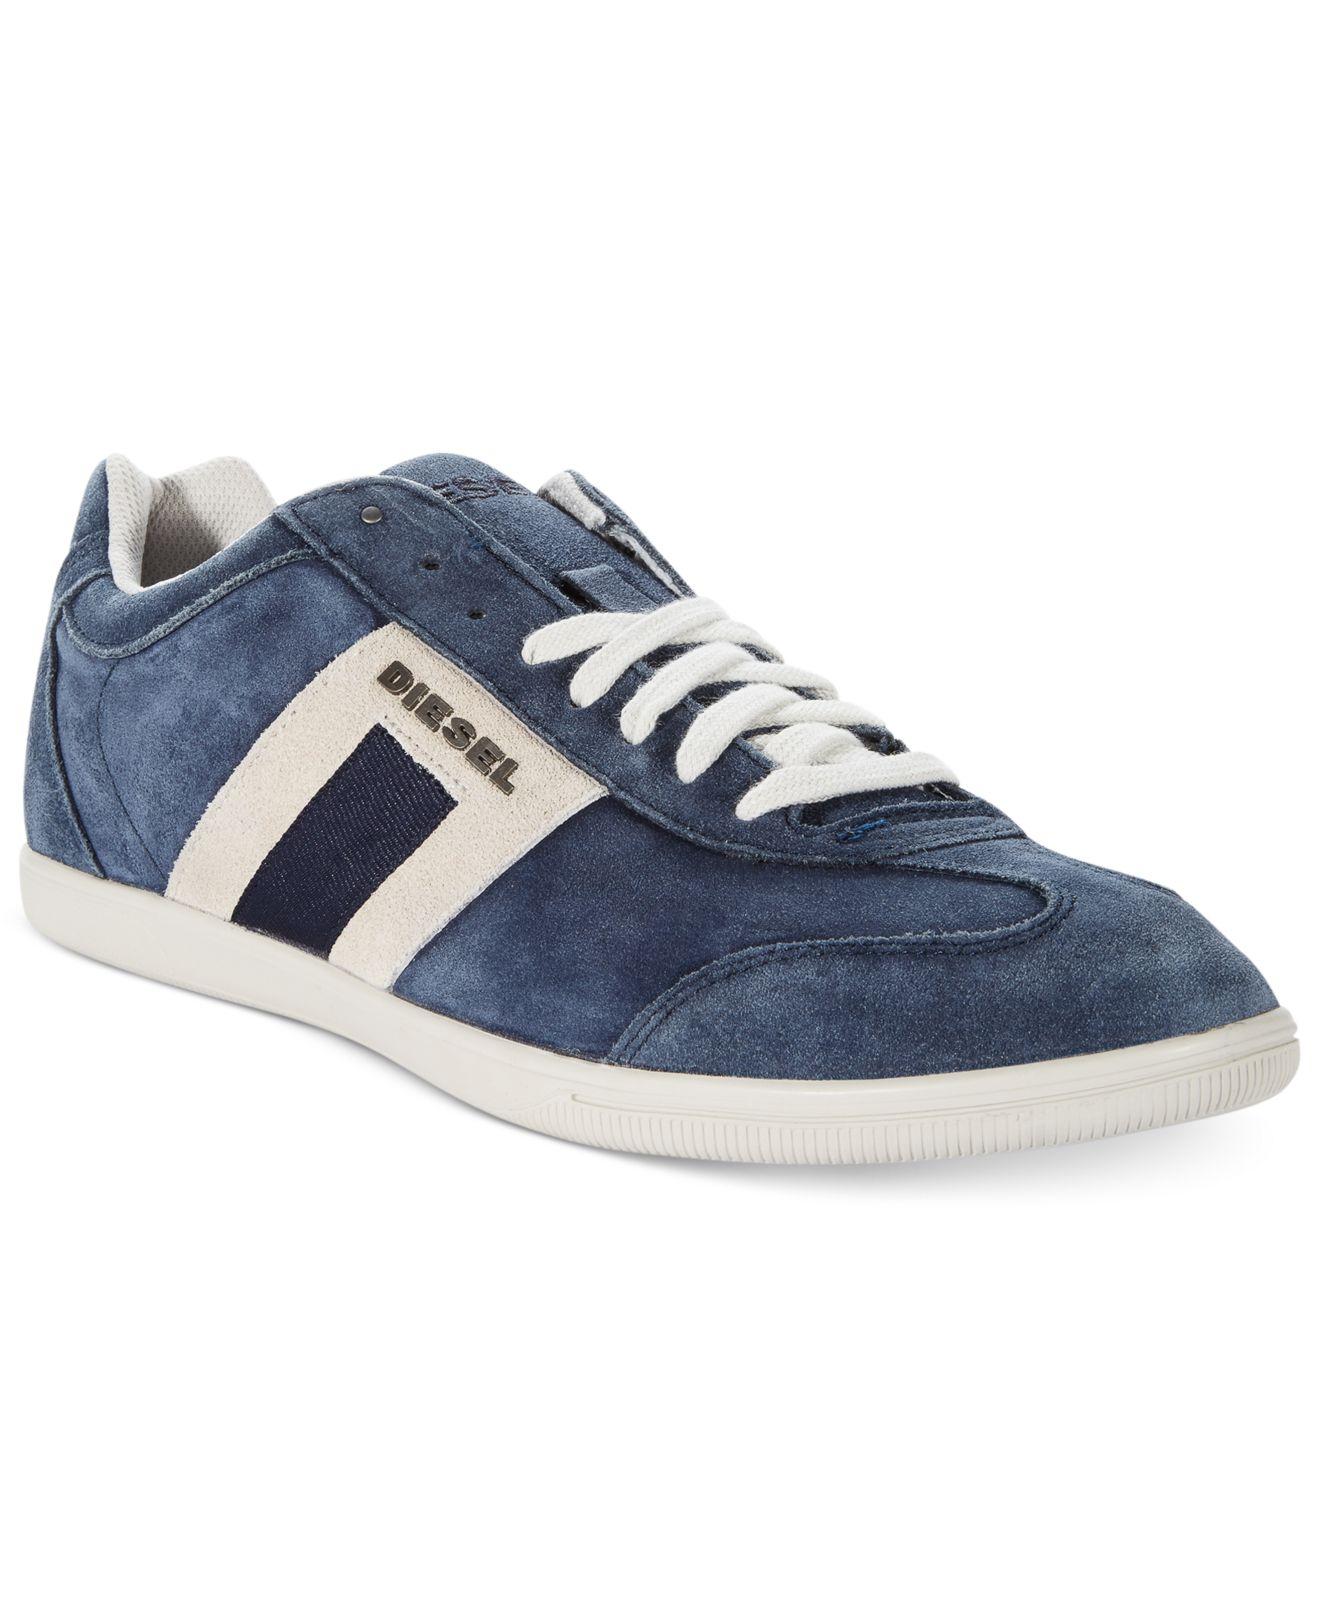 Diesel Shoes Happy Hours Vintagy Lounge Sneakers In Blue